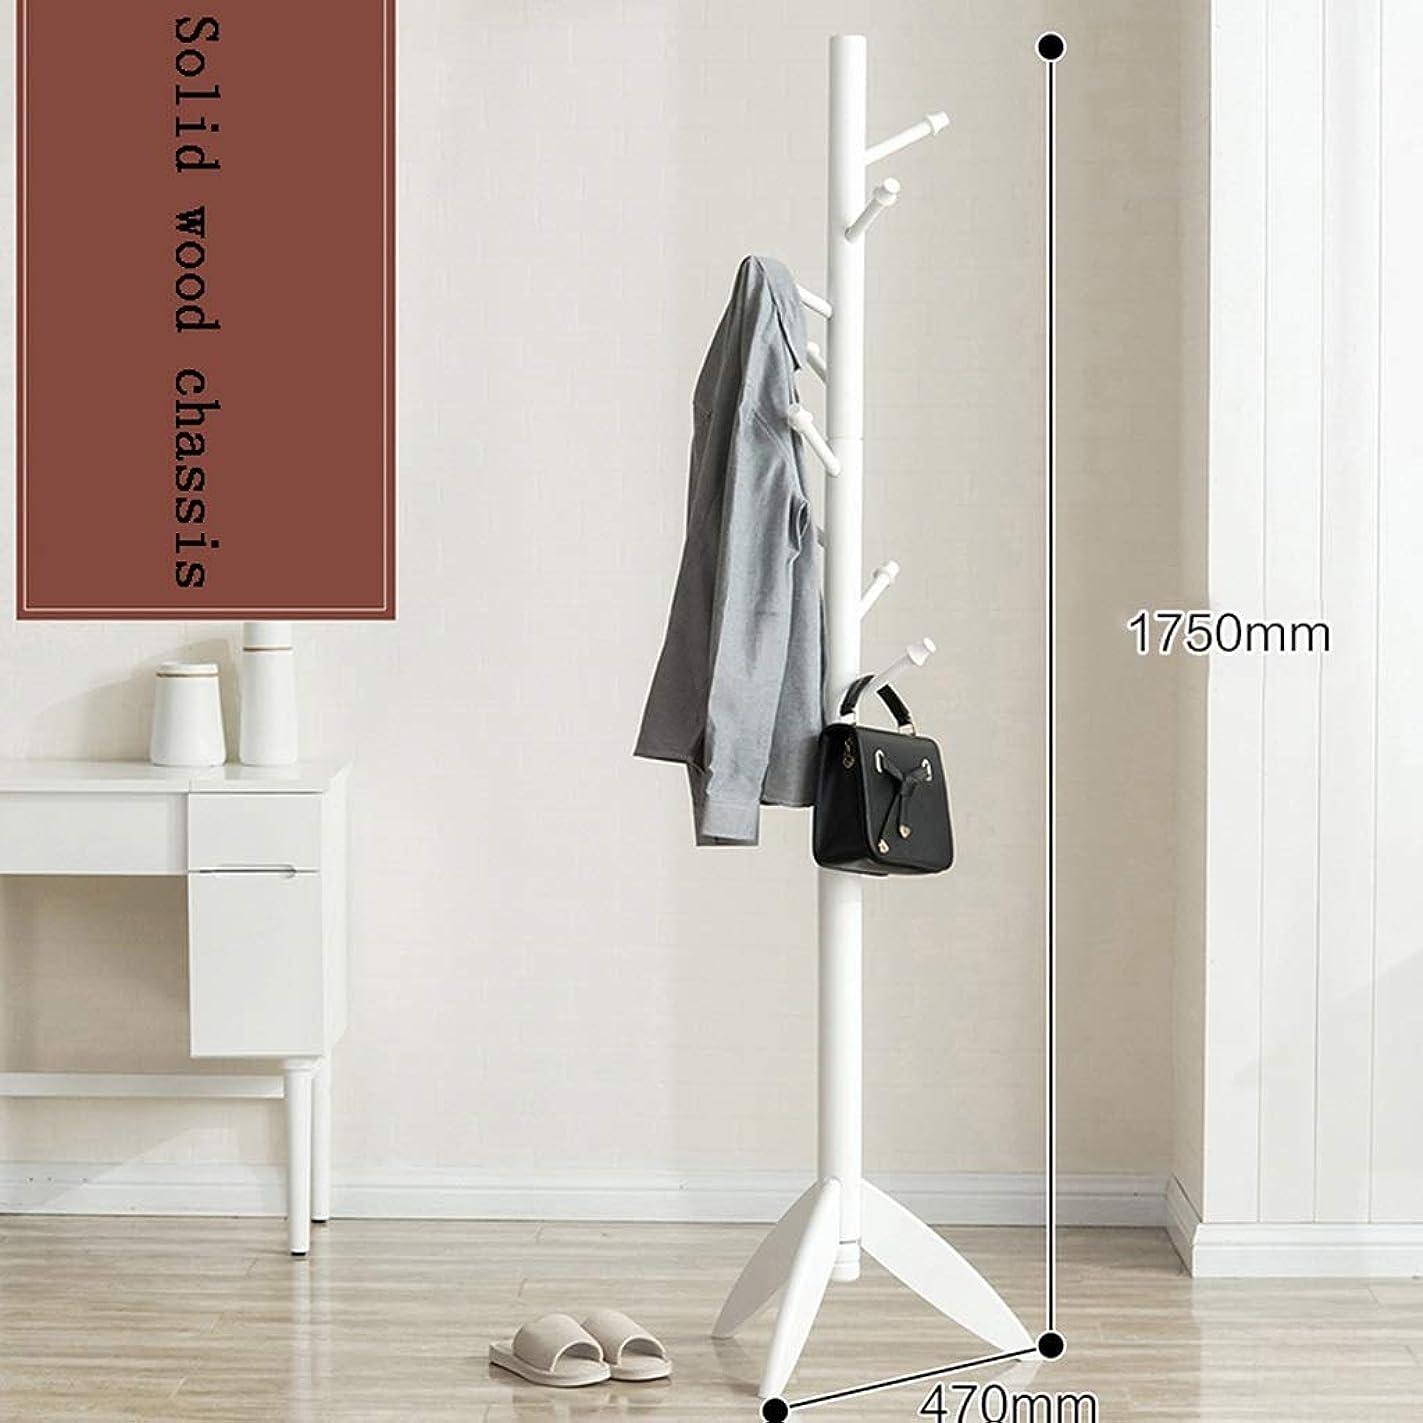 トラクター有望規則性純木の衣服の立場の衣服のコートの立場の三角形の基盤の強く、安定した安定性 AMINIY (Color : B)